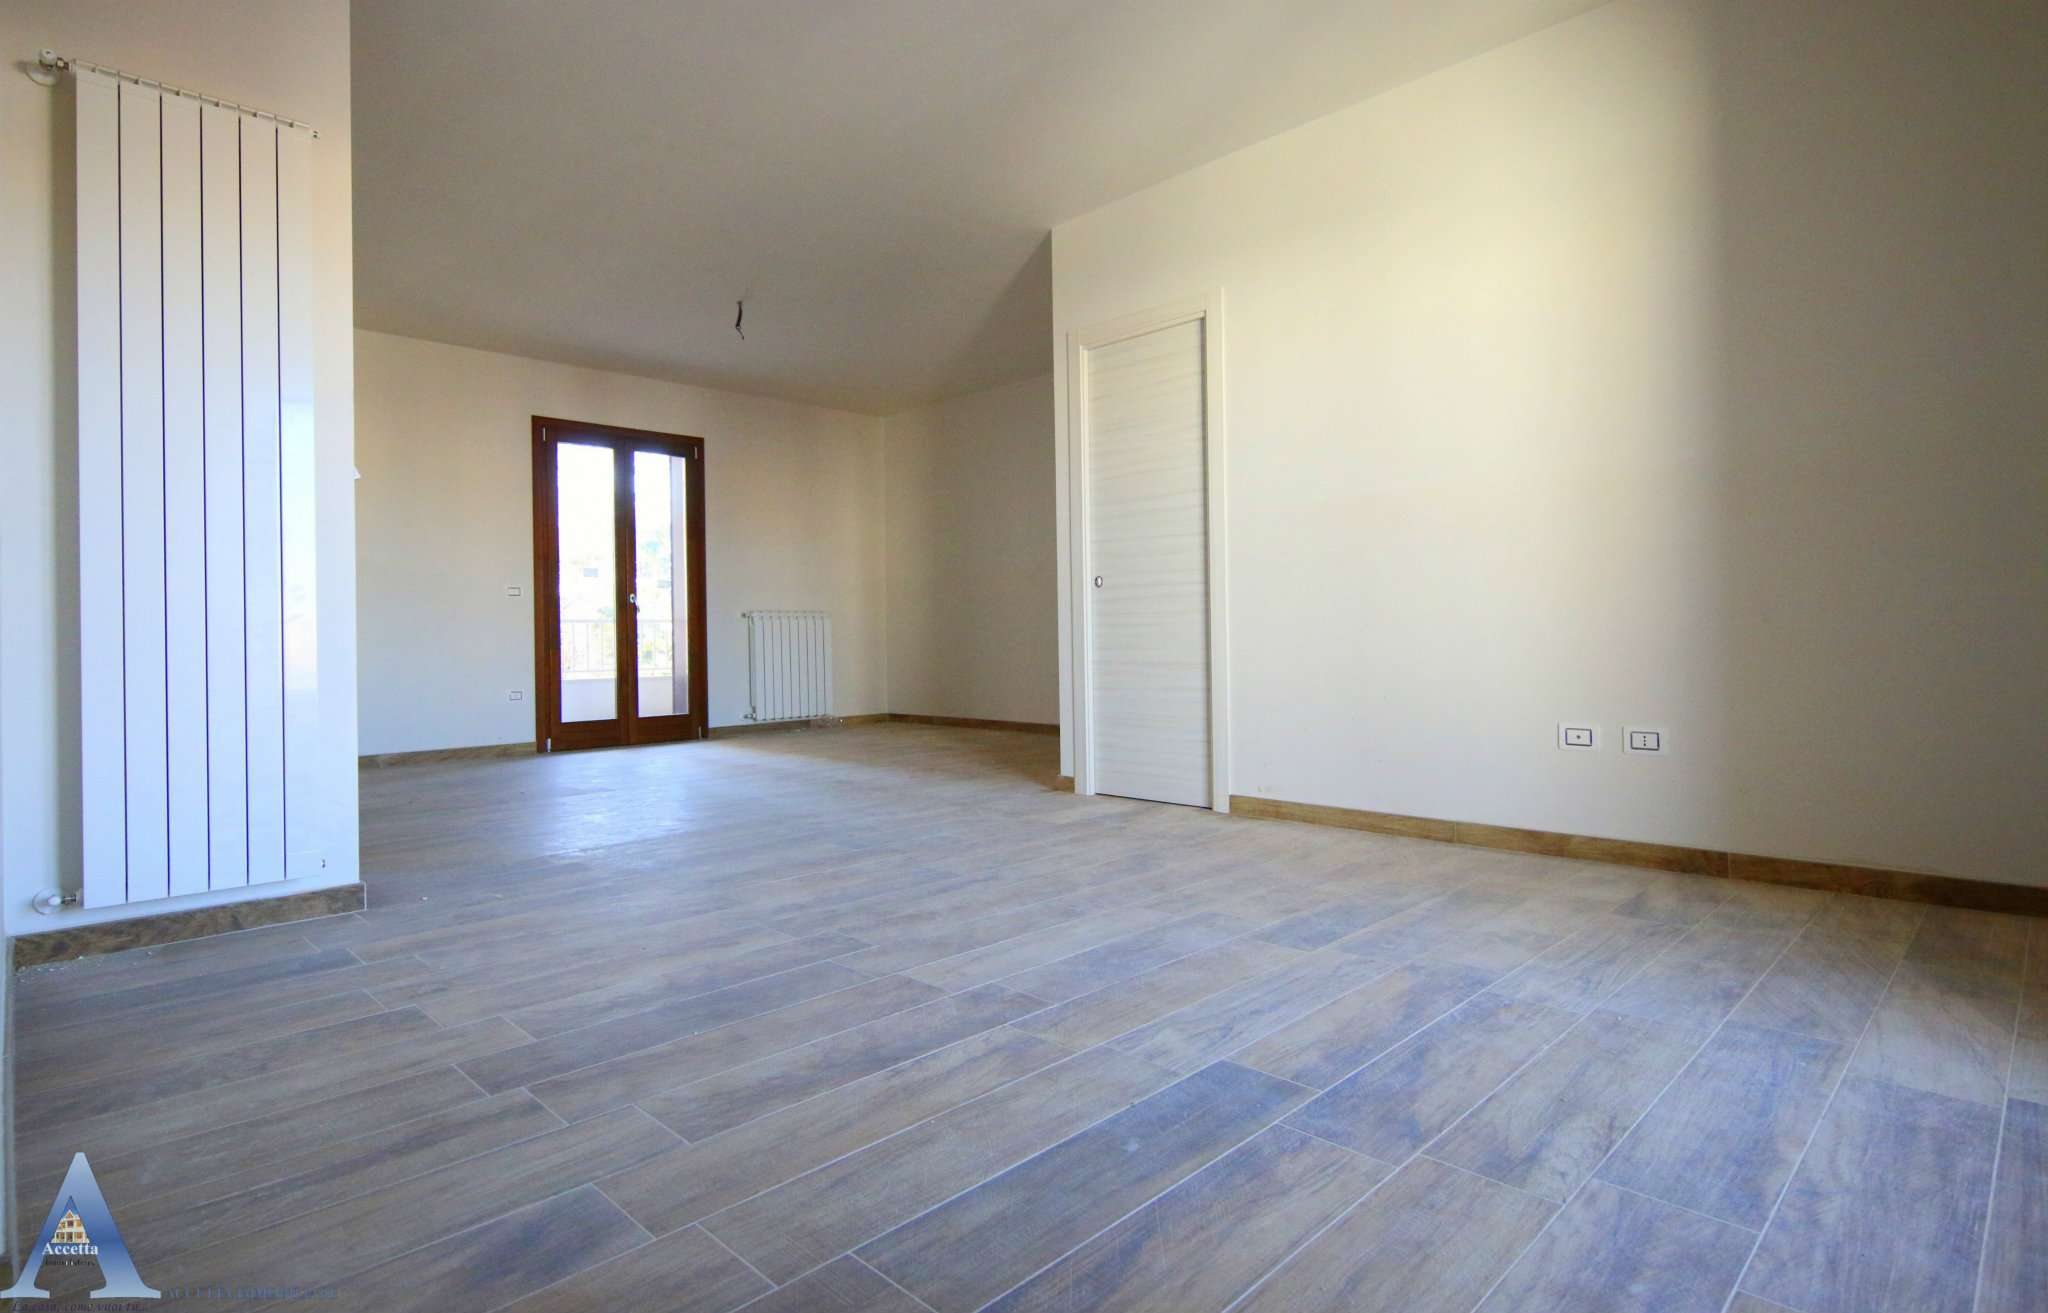 Appartamento in vendita a Taranto, 4 locali, prezzo € 148.000 | CambioCasa.it